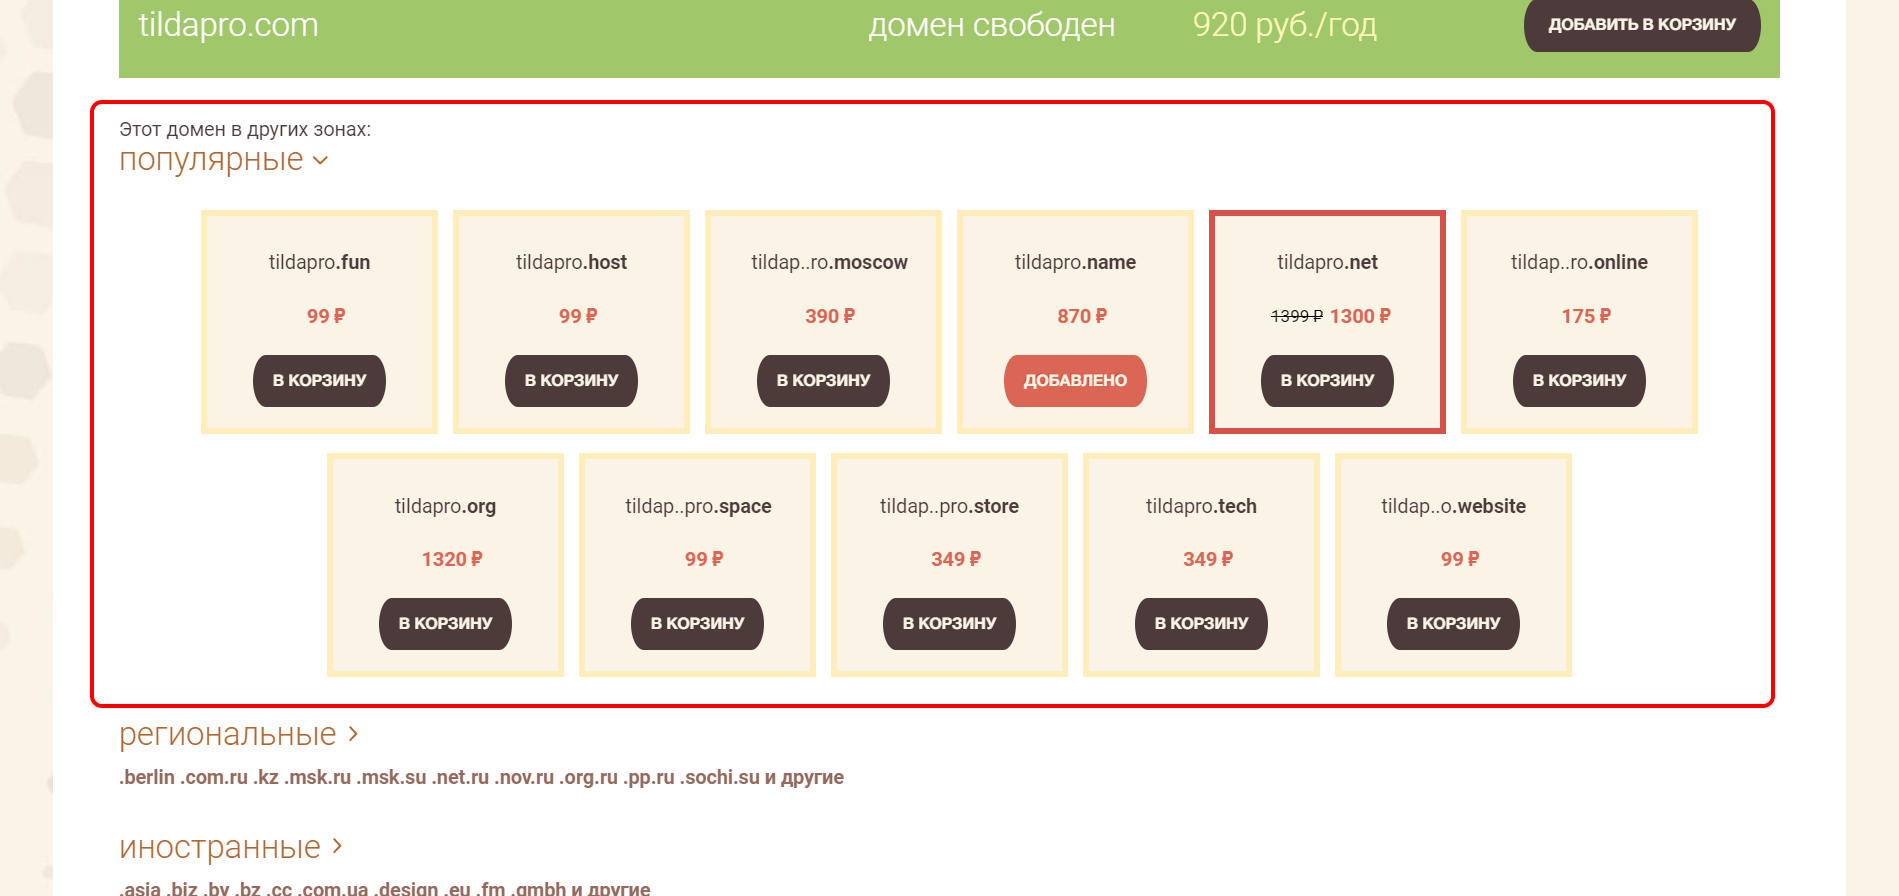 Где можно купить домен